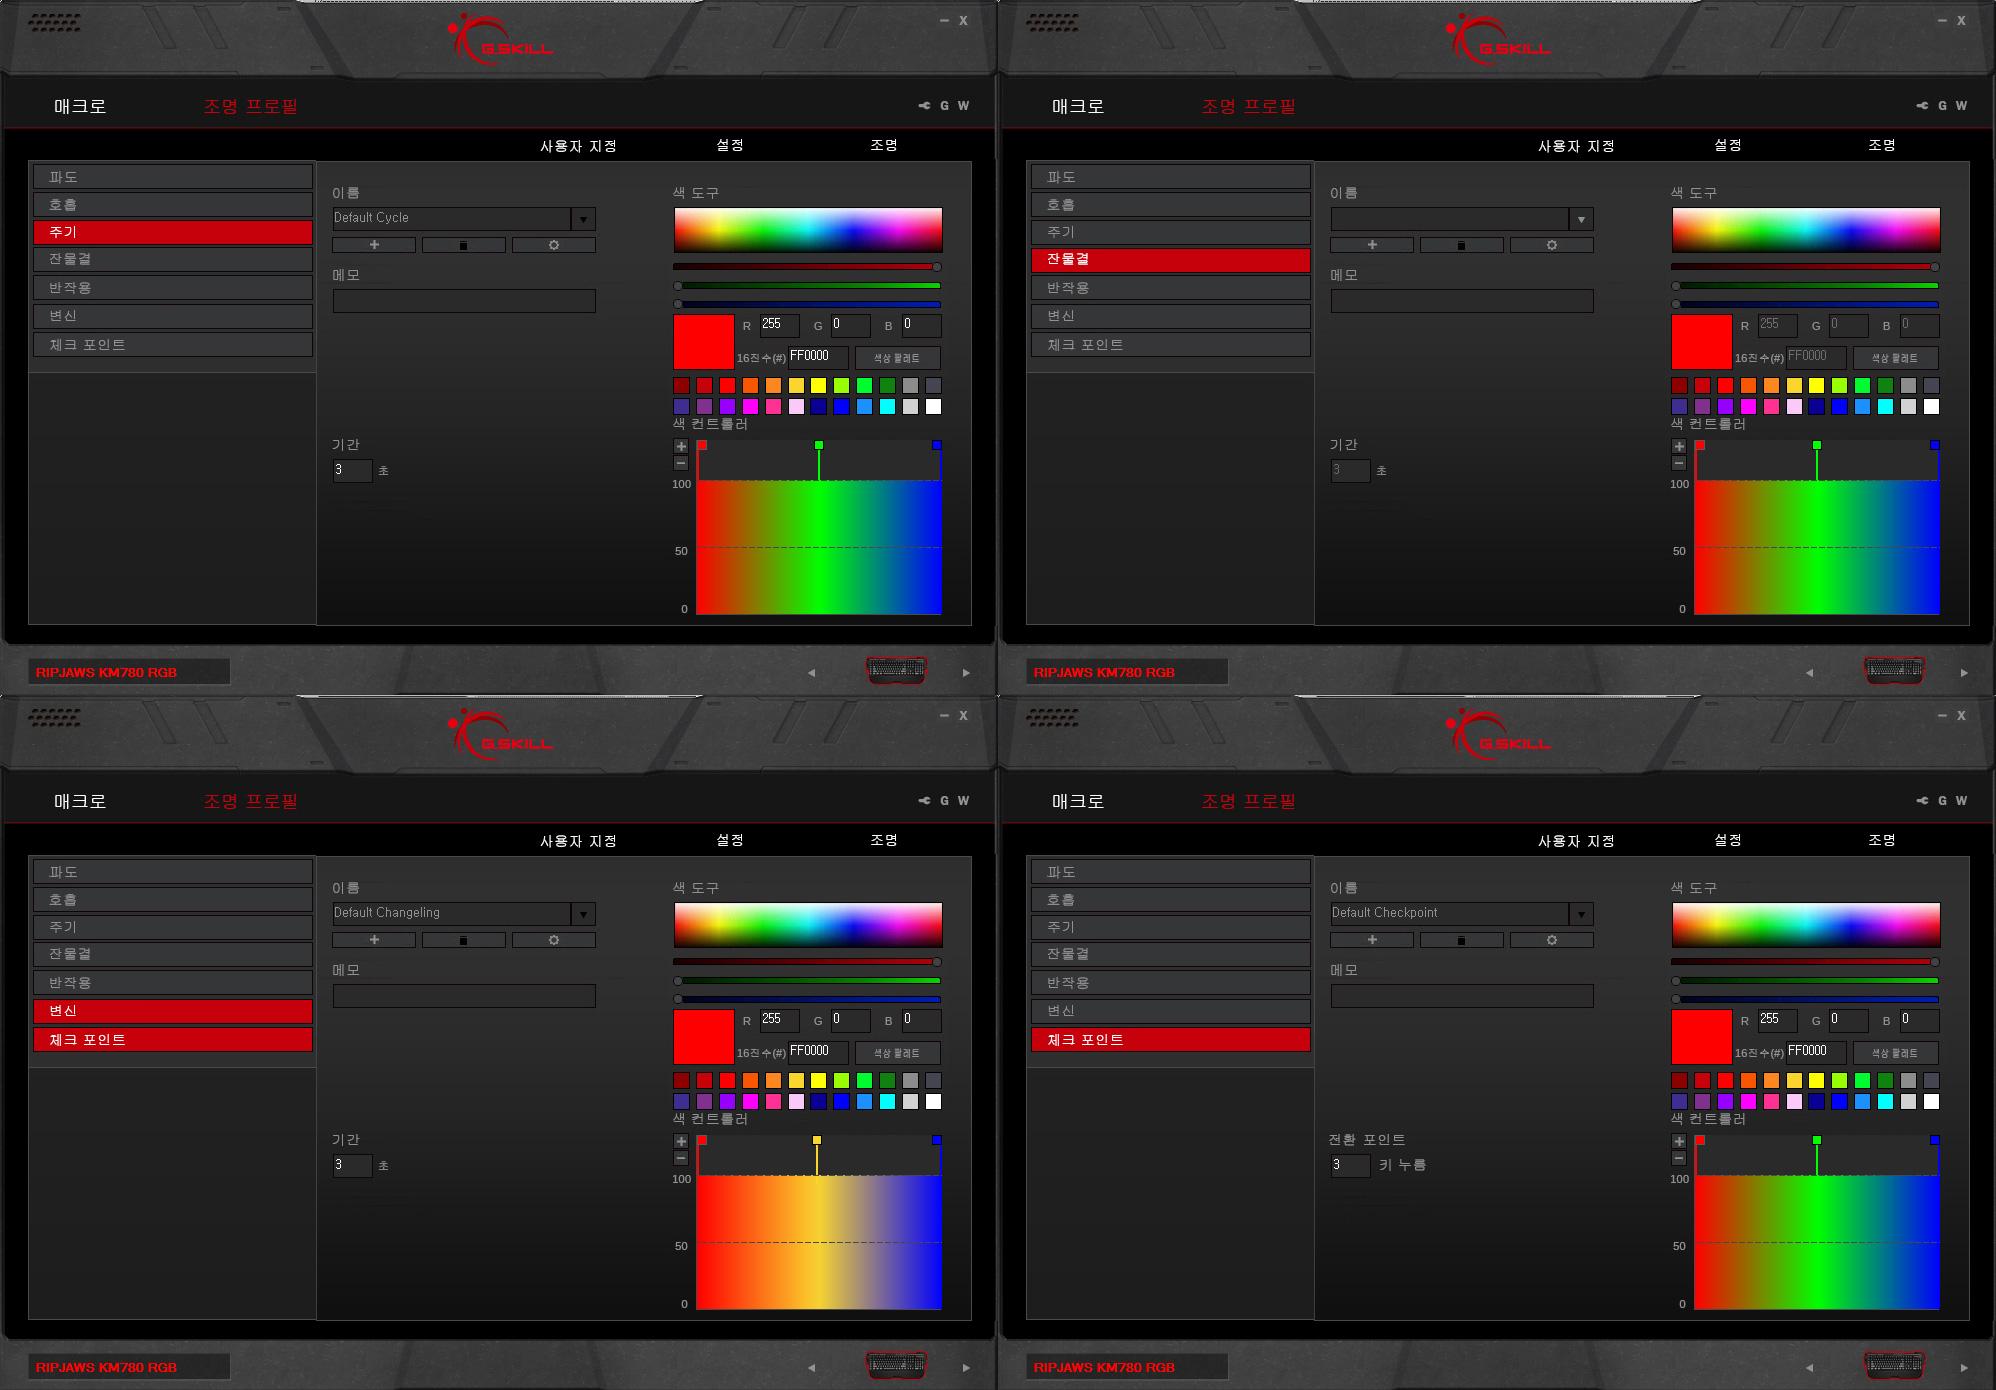 지스킬 립죠스 게이밍 키보드 KM780 커세어 G.SKILL RIPJAWSKeyboard KM780_RGB -119.jpg